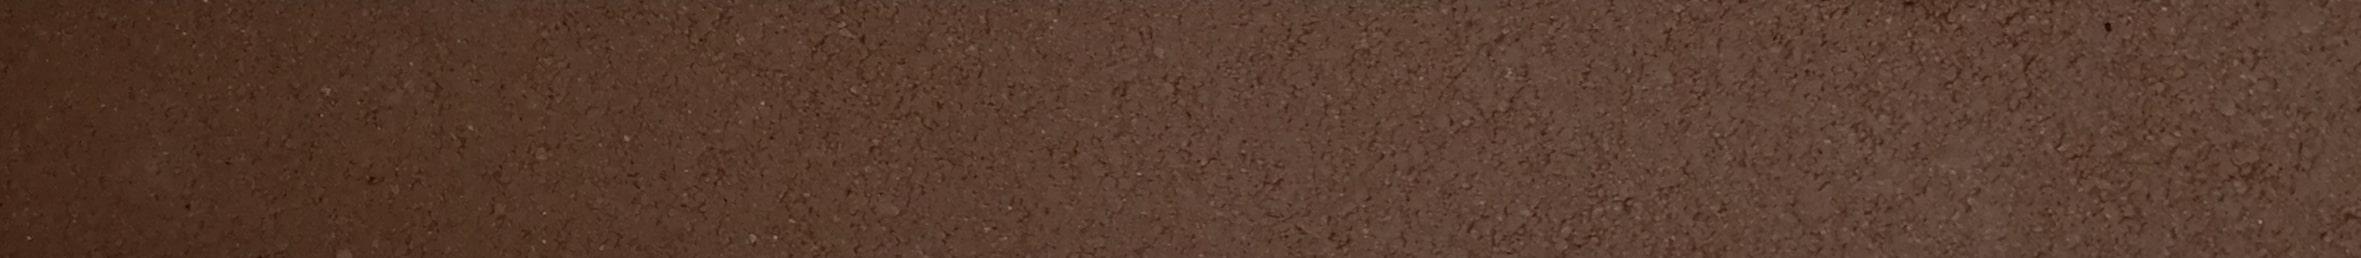 Fugenmörtel - Fugenfarbe 1035